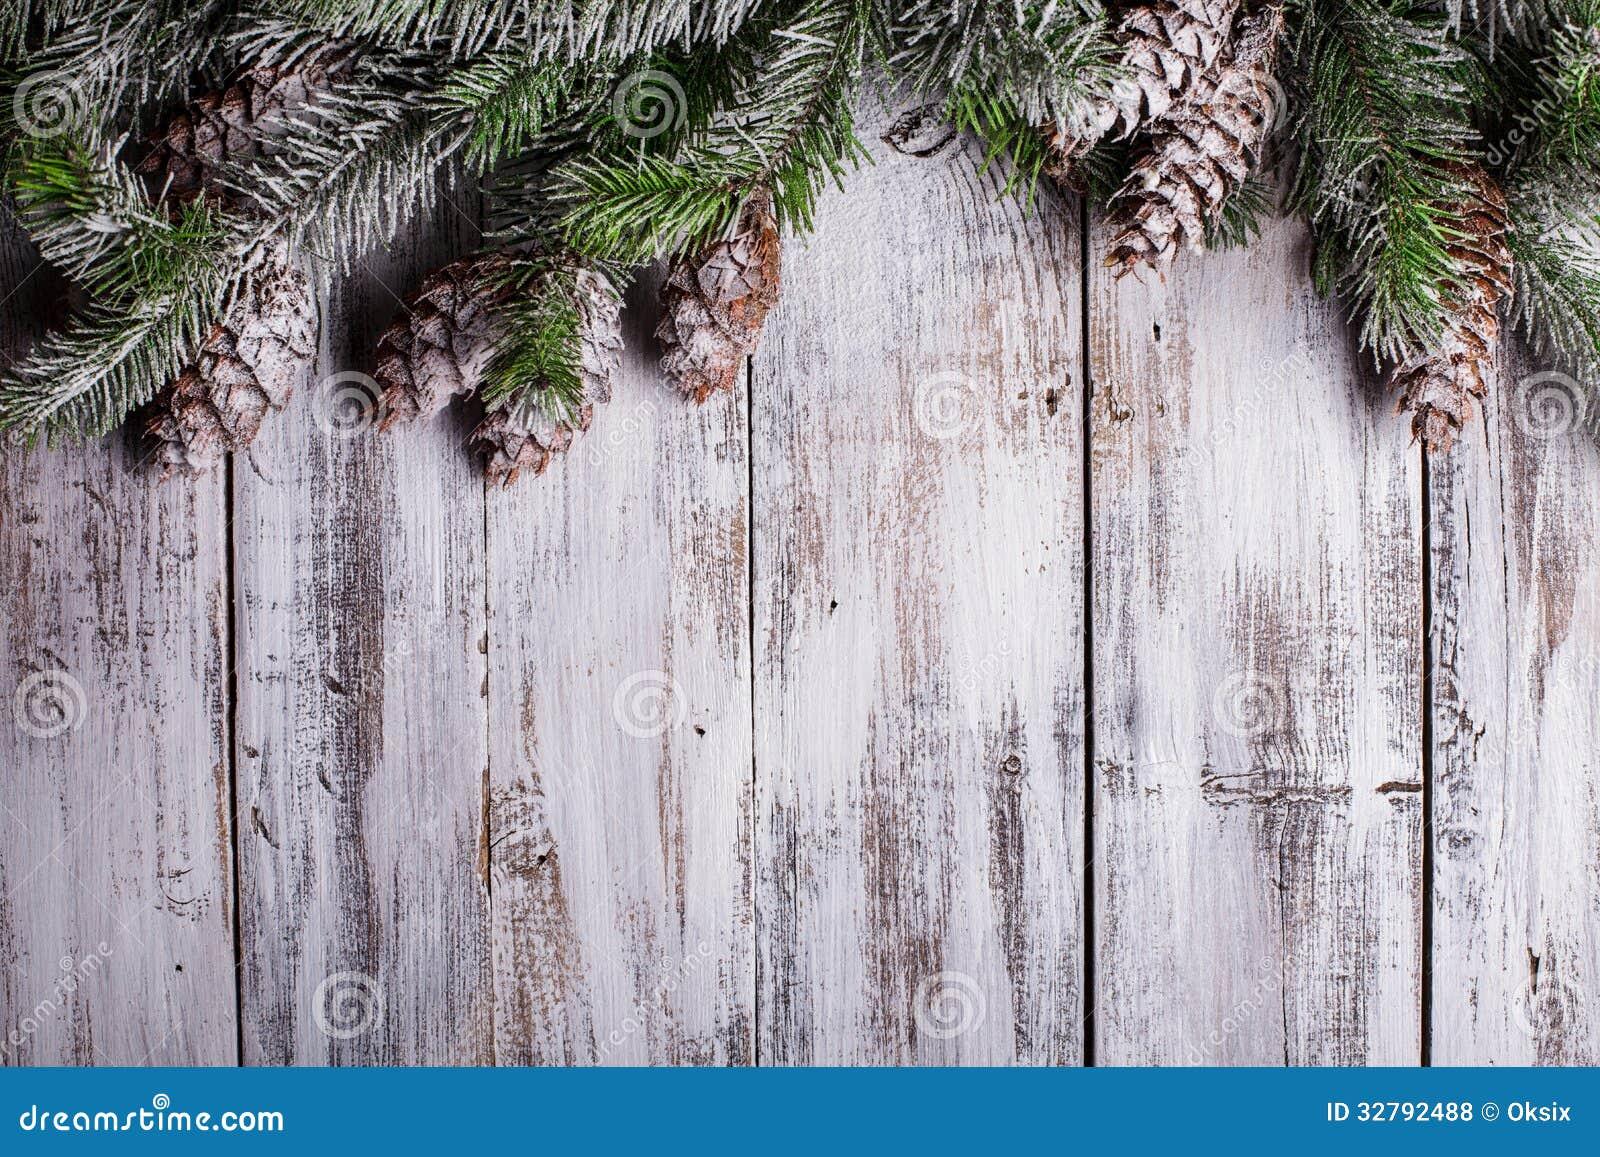 White Garland Christmas